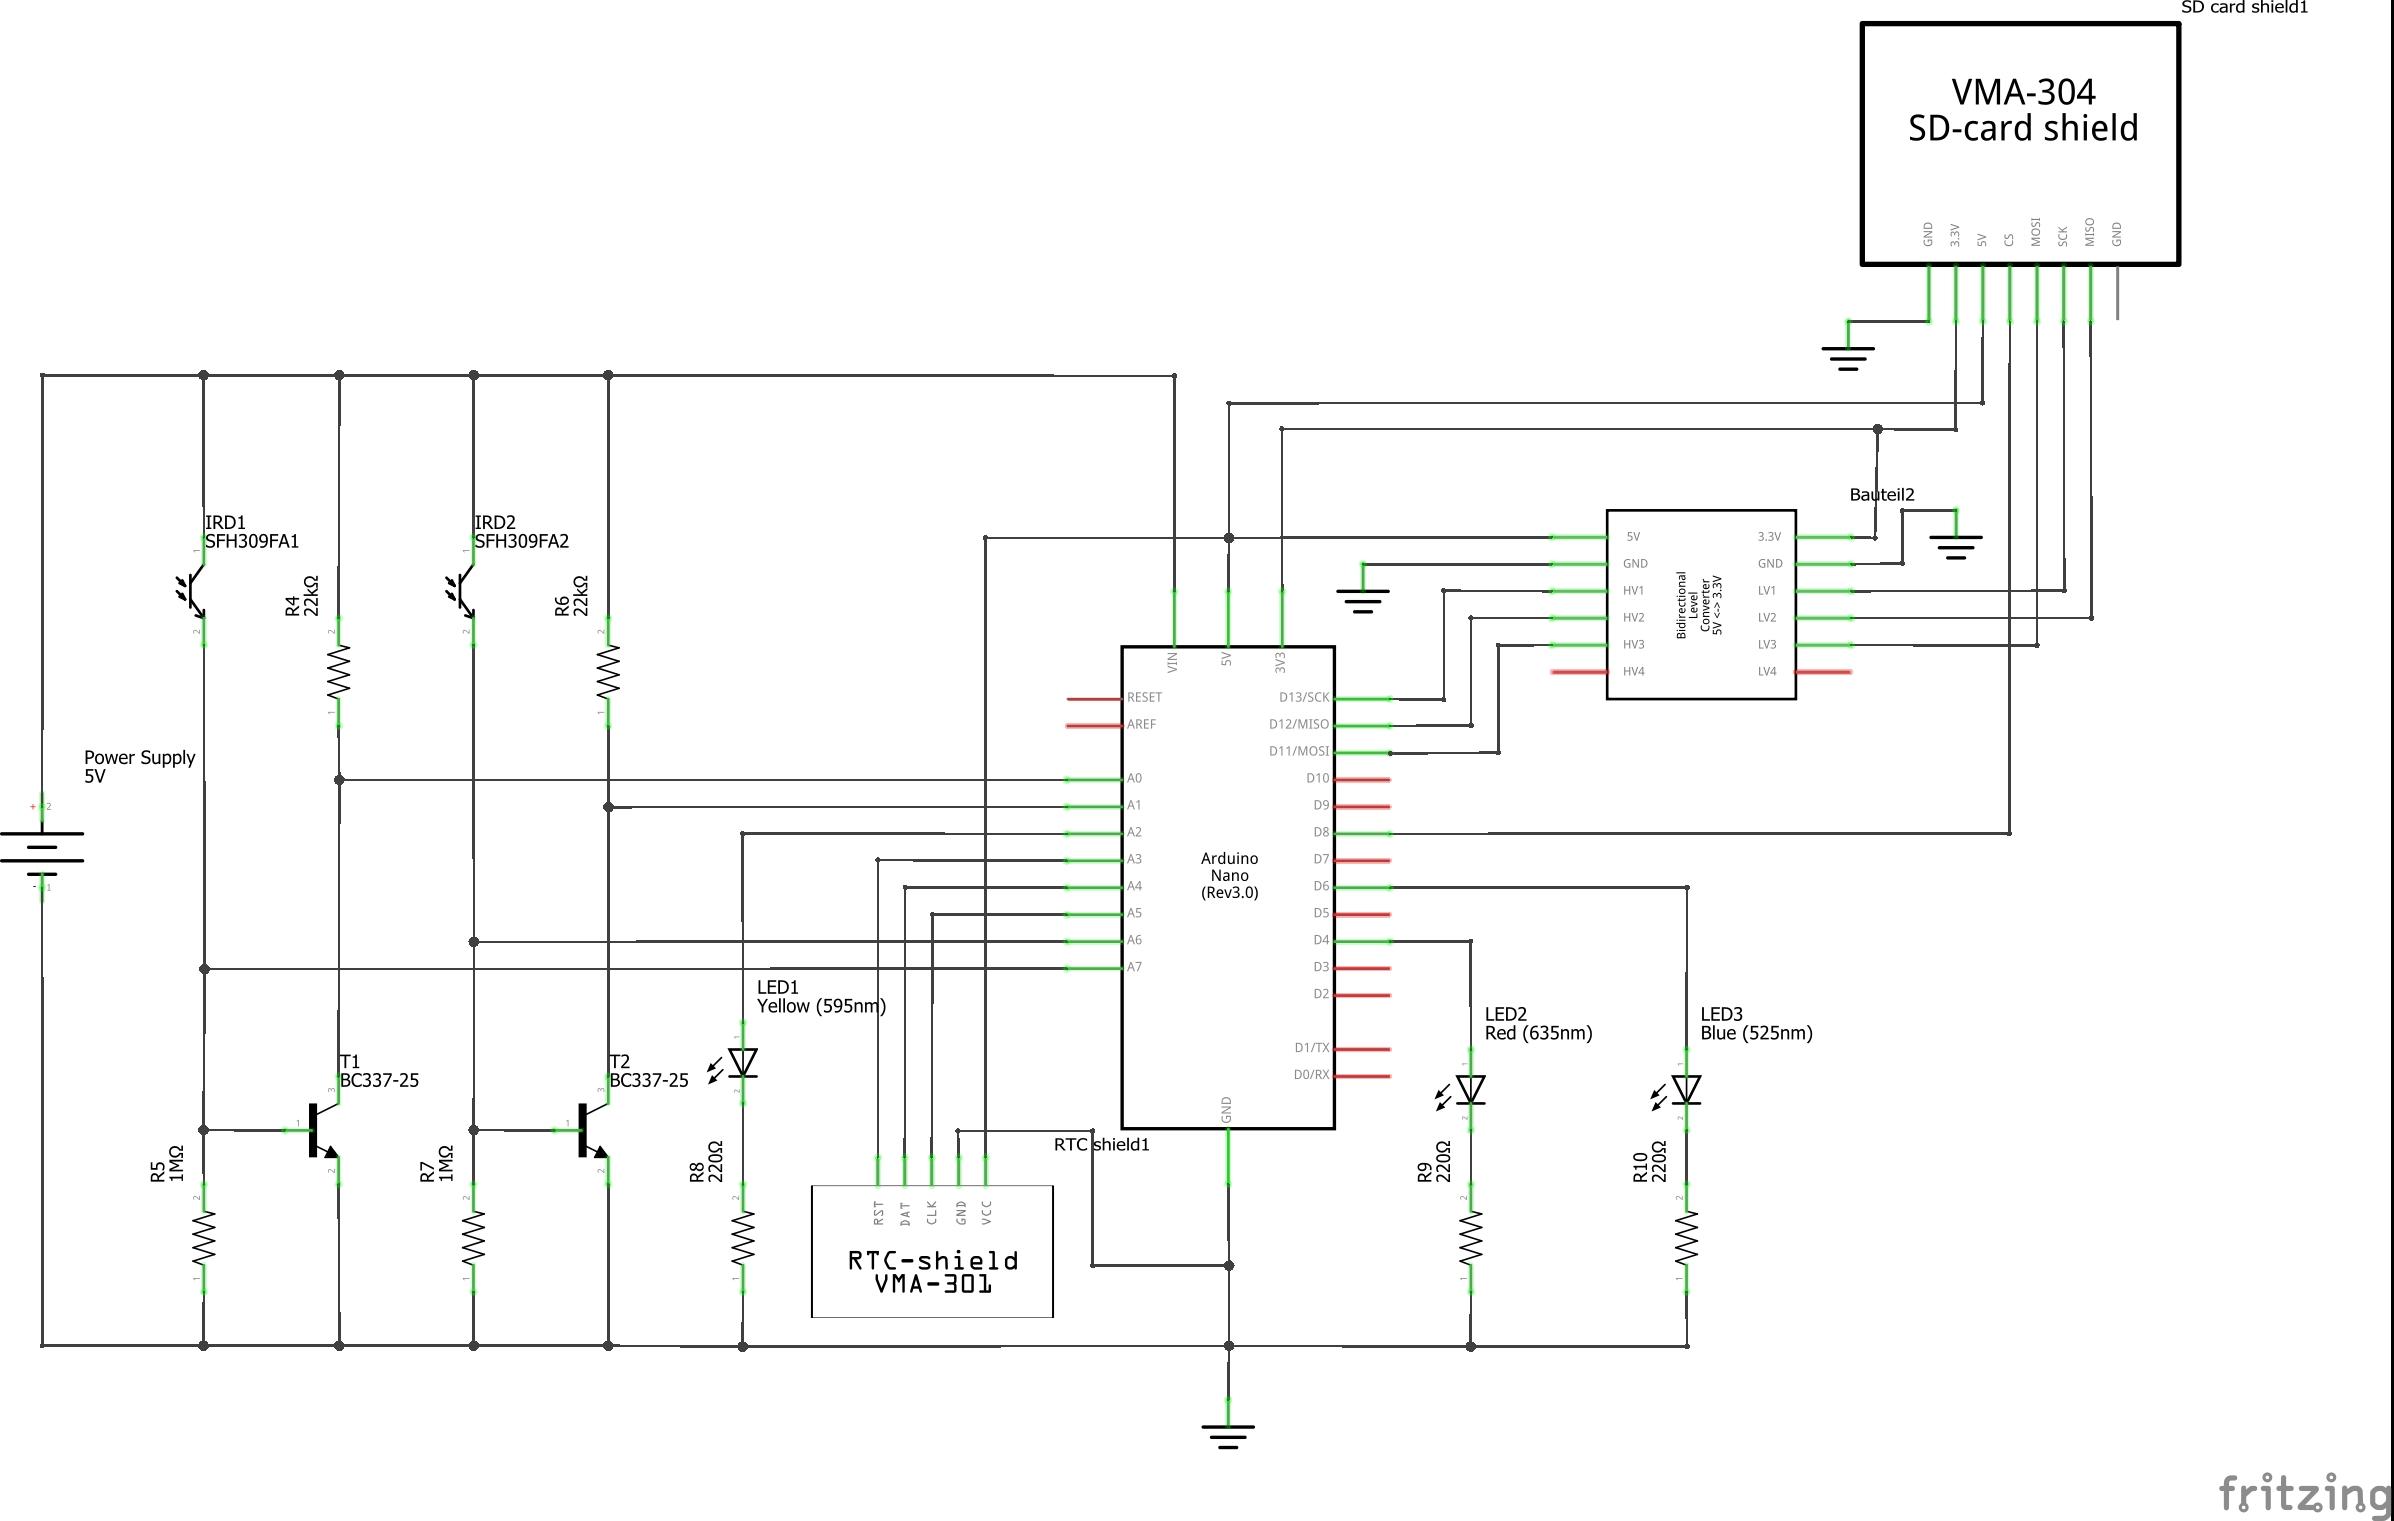 2ehz auslesen schaltplan nano every v02 schaltplan 8nklkmnomj